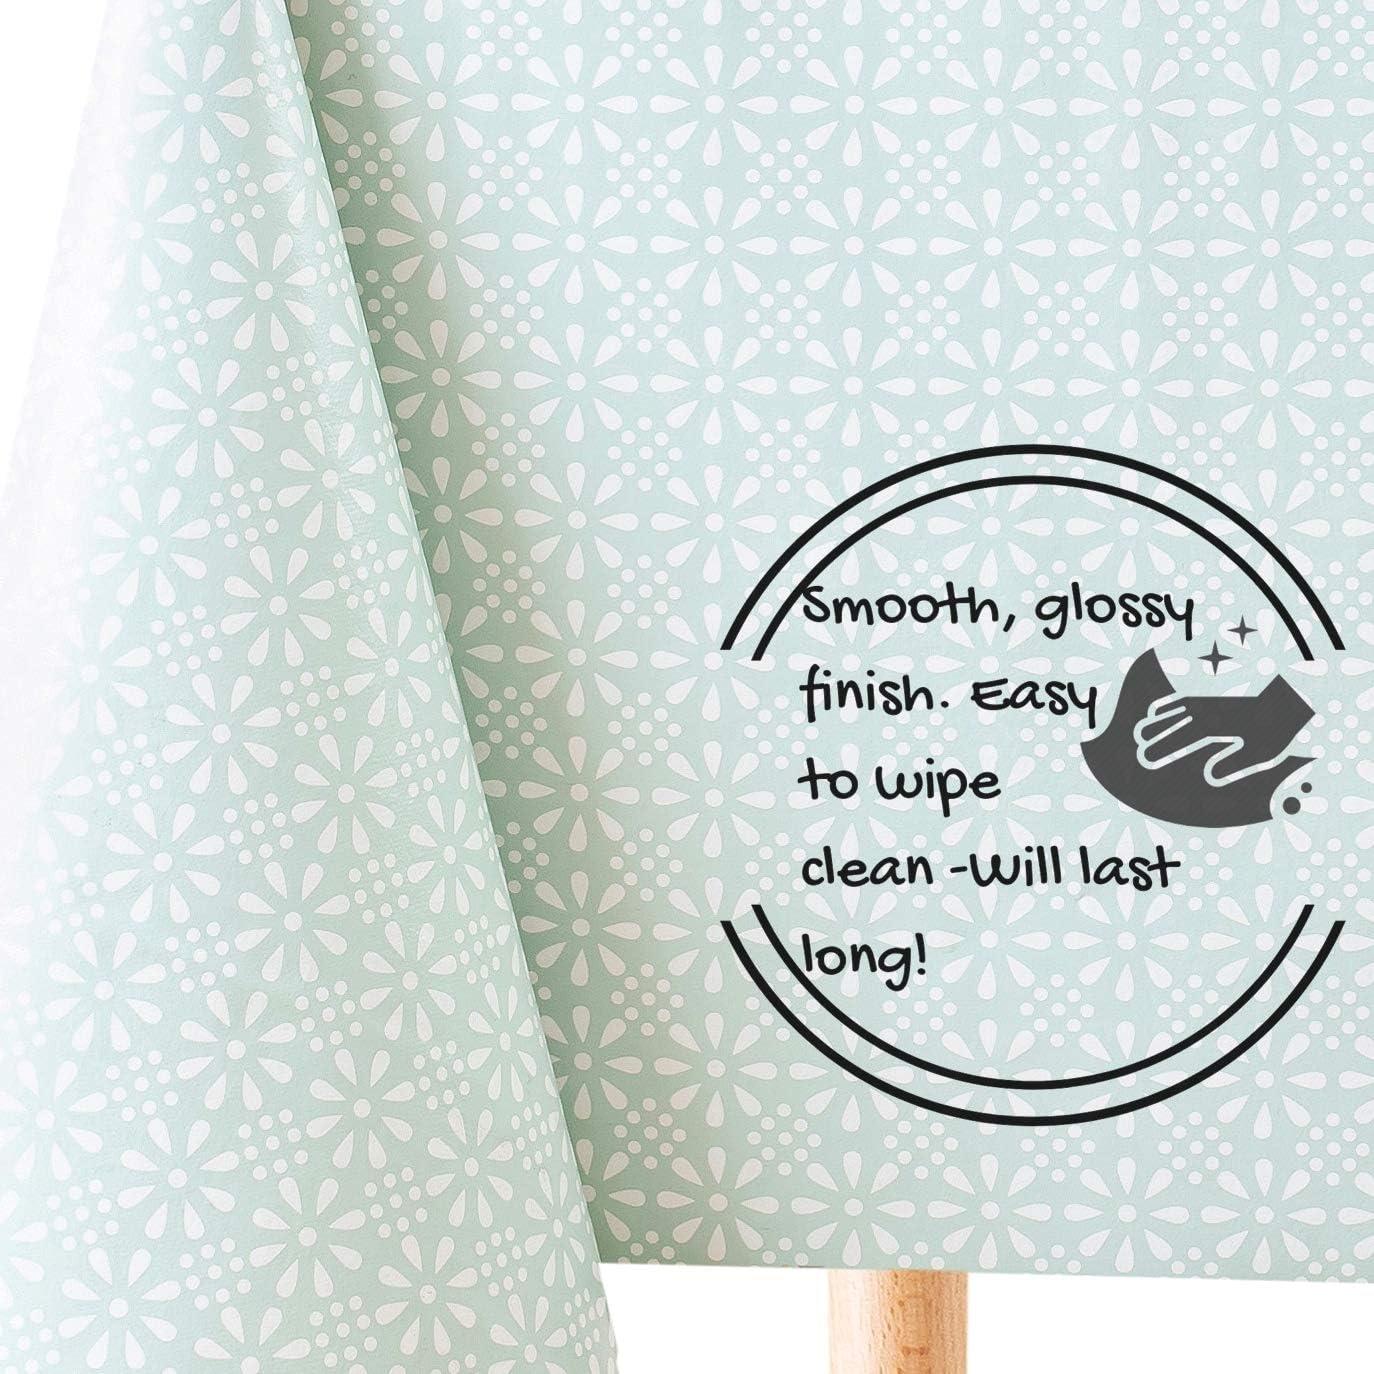 Motif floral bleu patchwork nappe nettoyage facile 140CM large